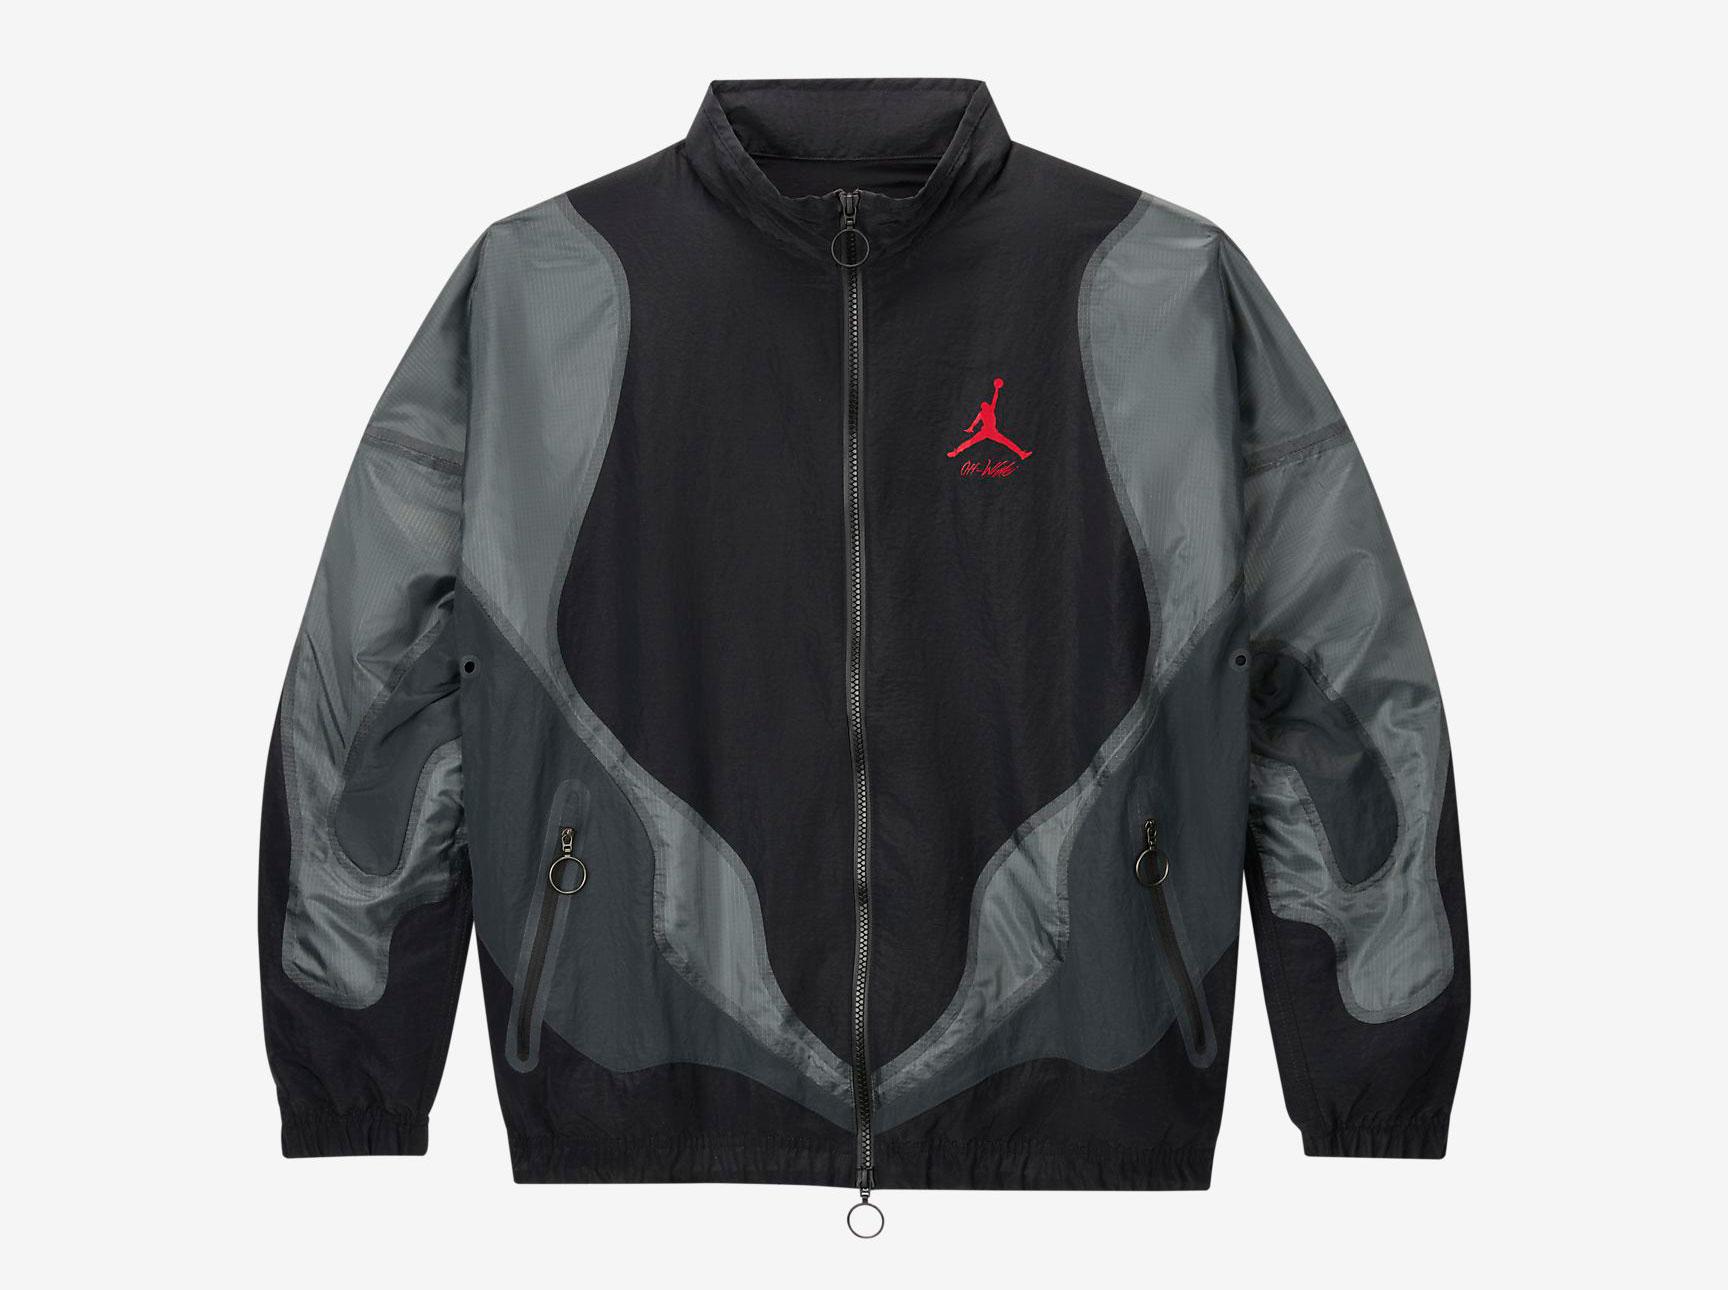 off-white-jordan-5-jacket-1